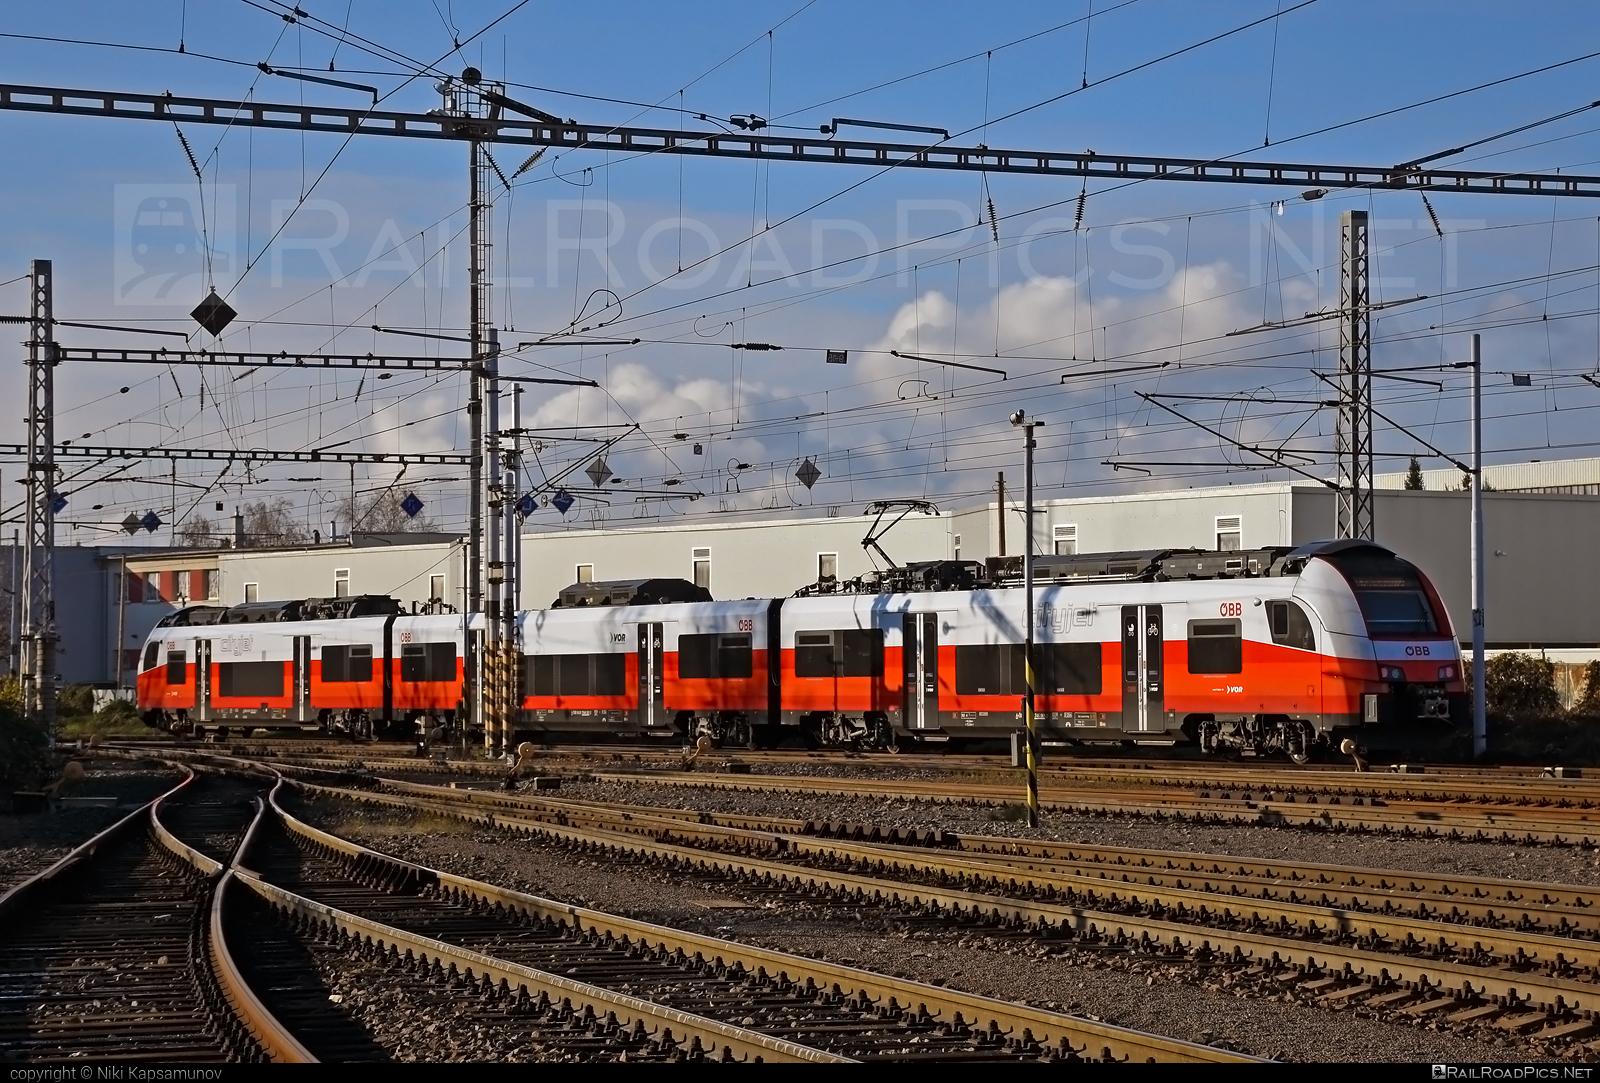 Siemens Desiro ML - 4746 061 operated by Österreichische Bundesbahnen #cityjet #desiro #desiroml #obb #obbcityjet #osterreichischebundesbahnen #siemens #siemensdesiro #siemensdesiroml